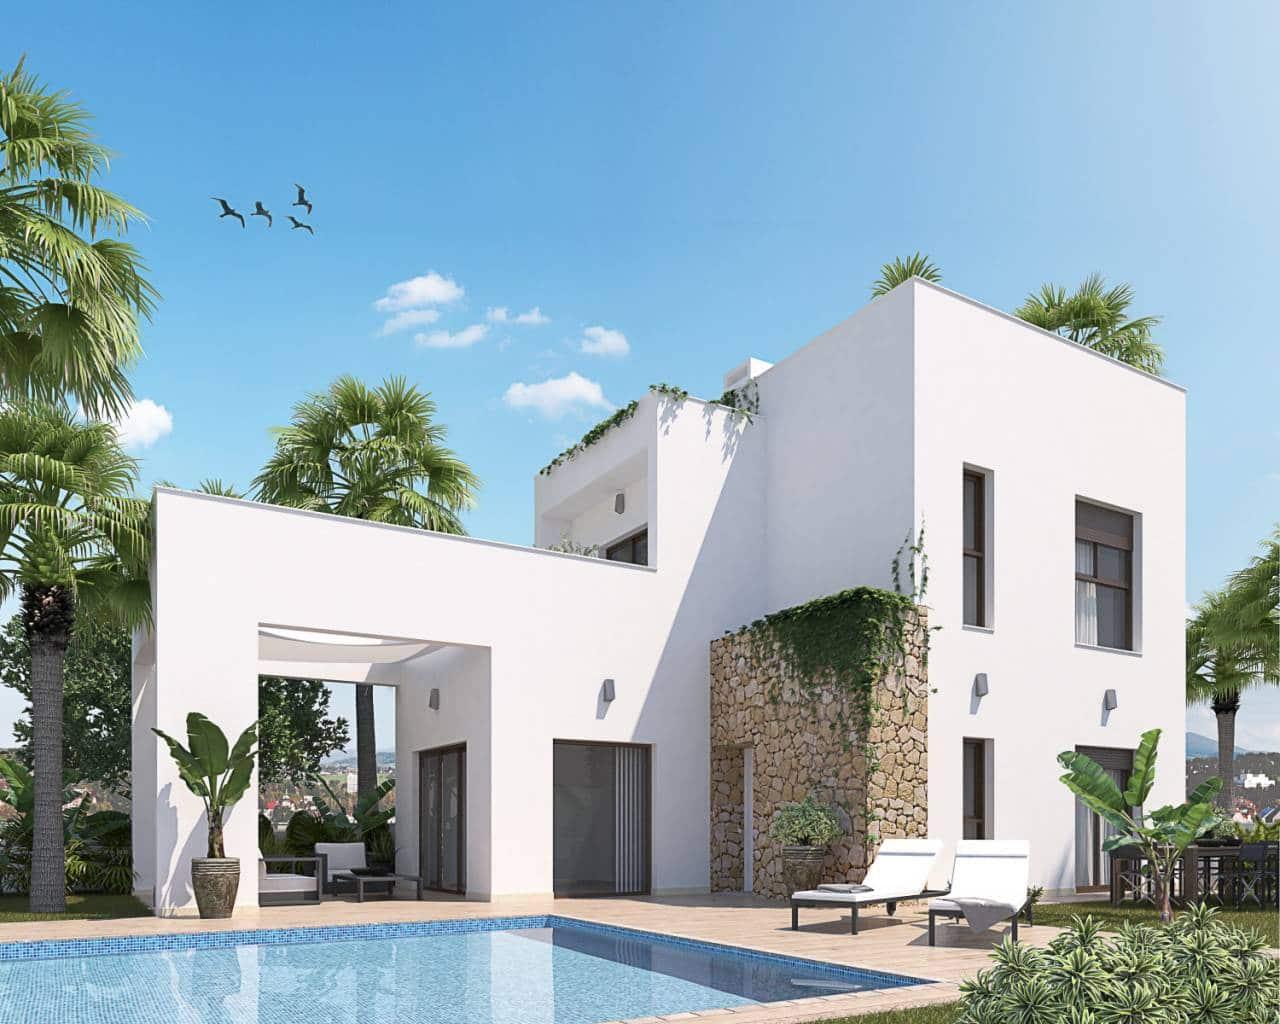 3 bedroom Villa for sale in Aguas Nuevas with pool garage - € 345,000 (Ref: 4301091)